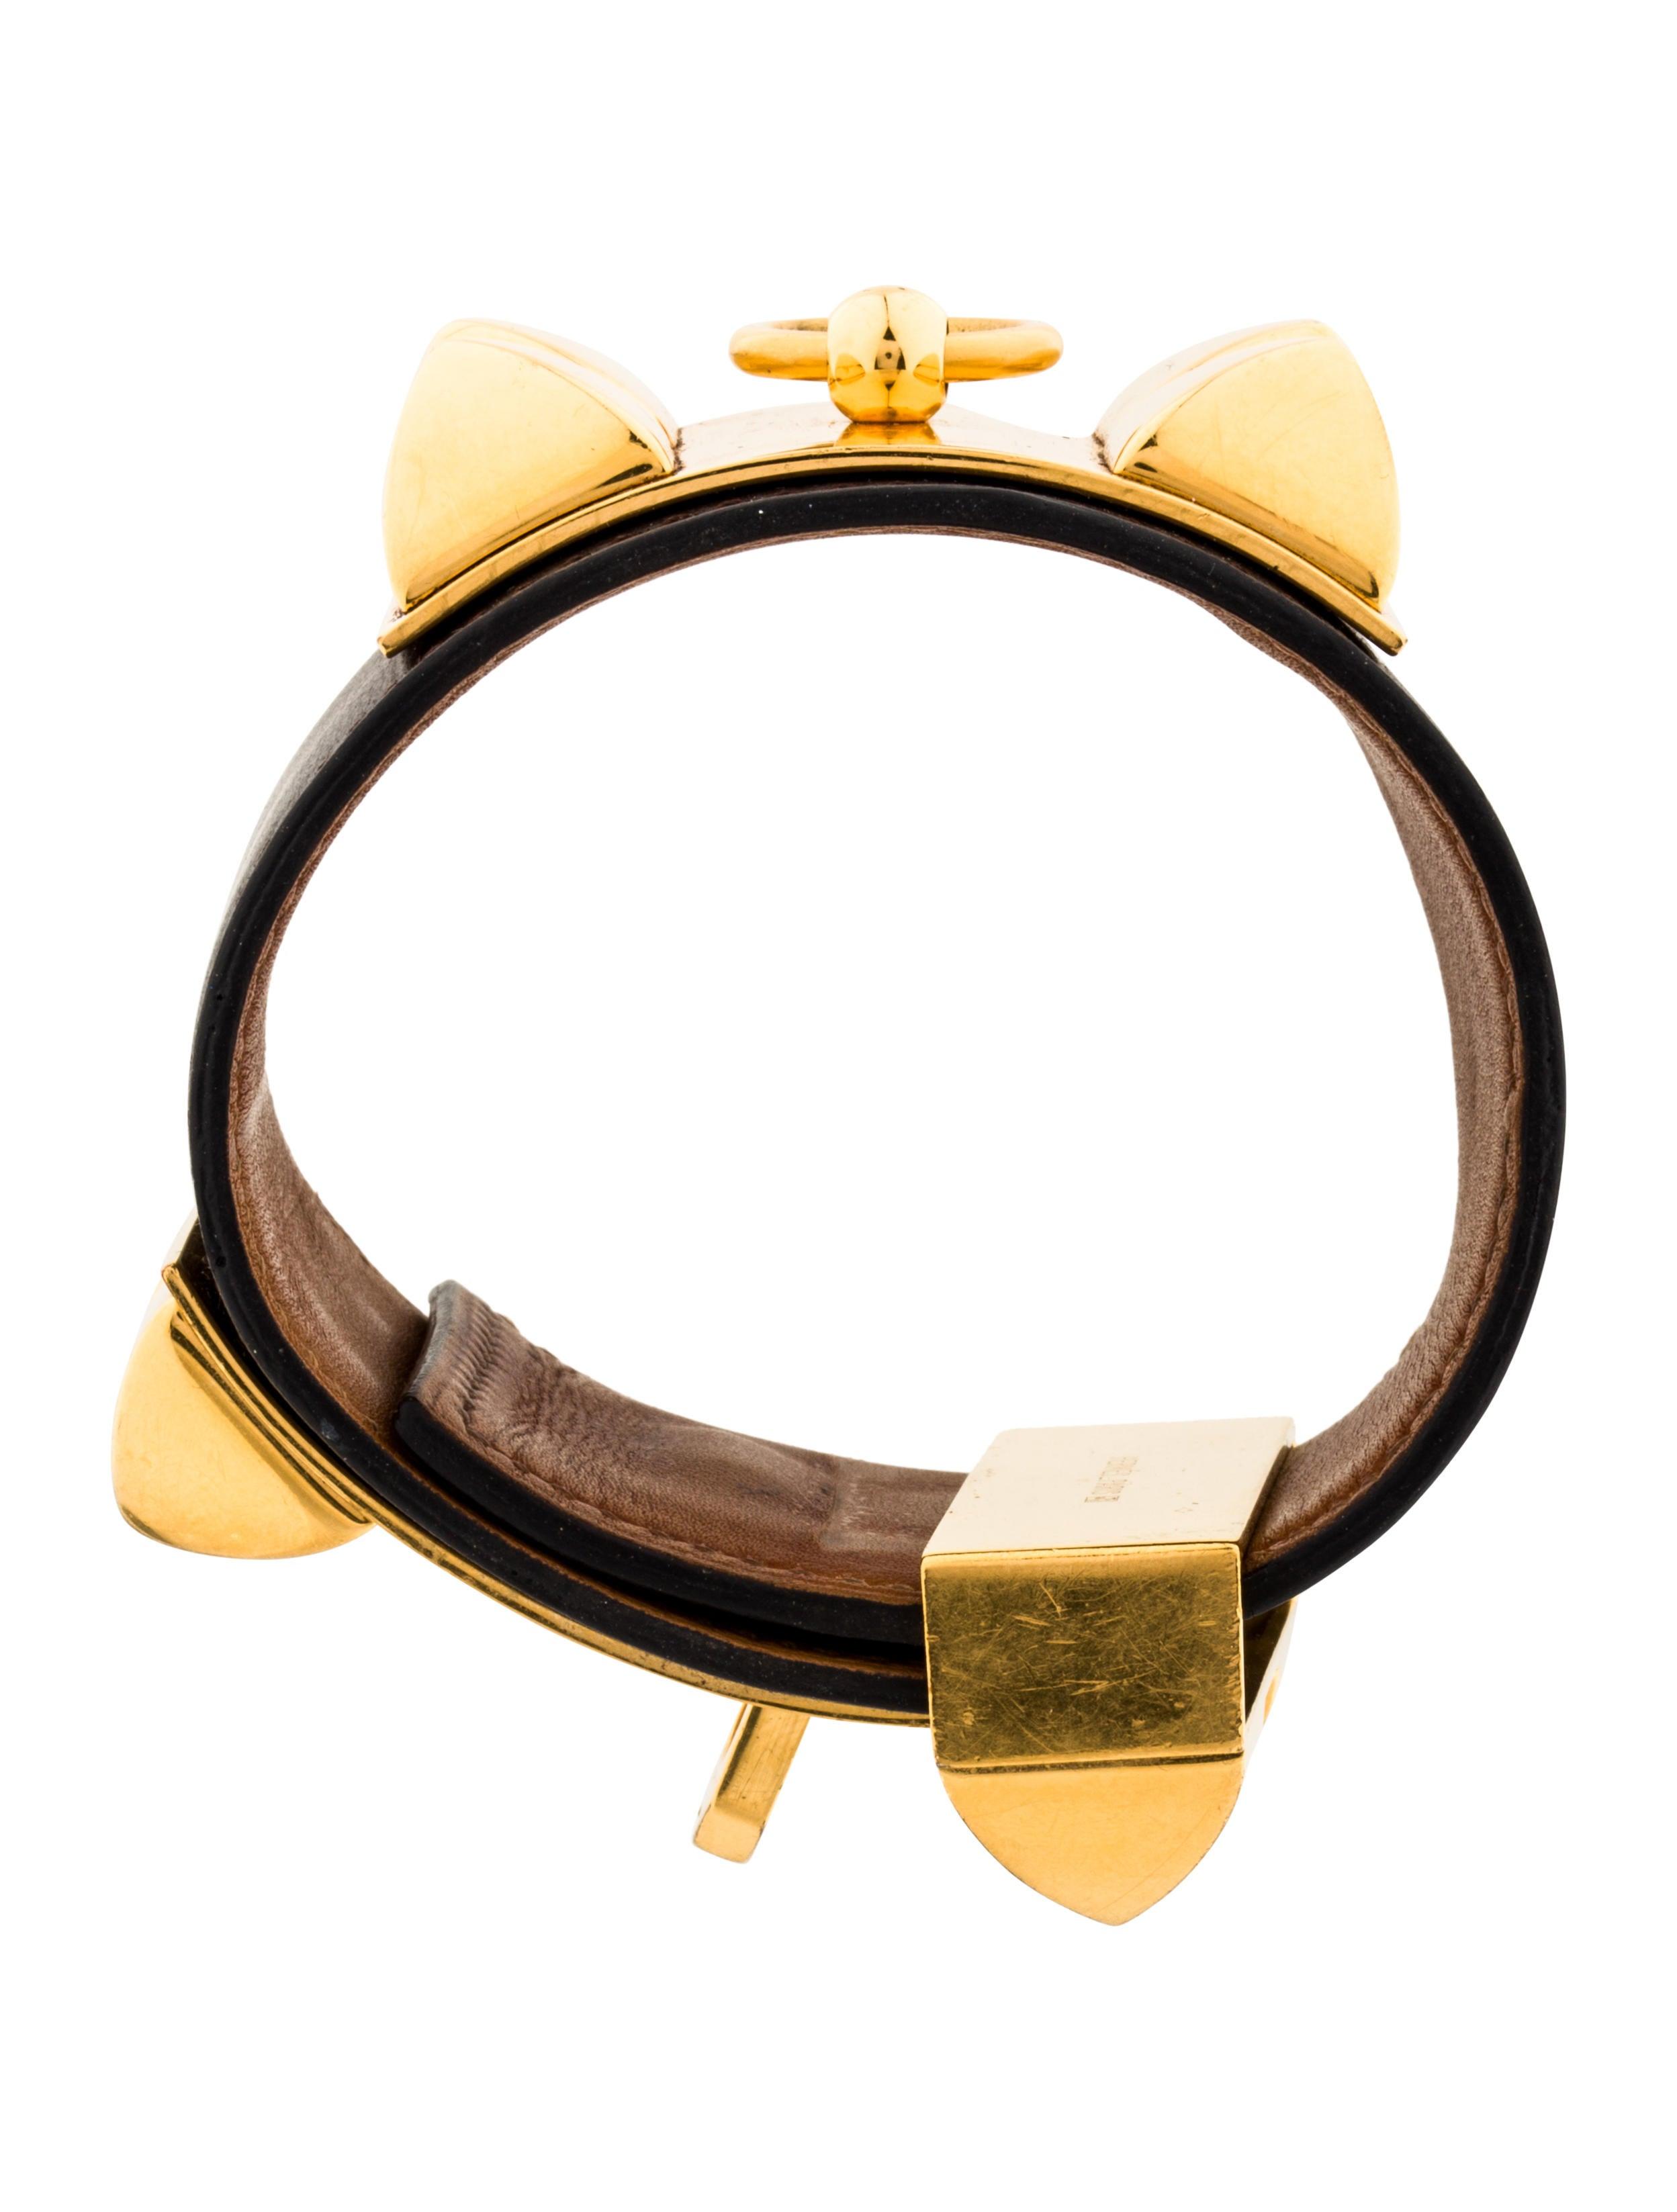 Herm 232 S Collier De Chien Bracelet Bracelets Her92764